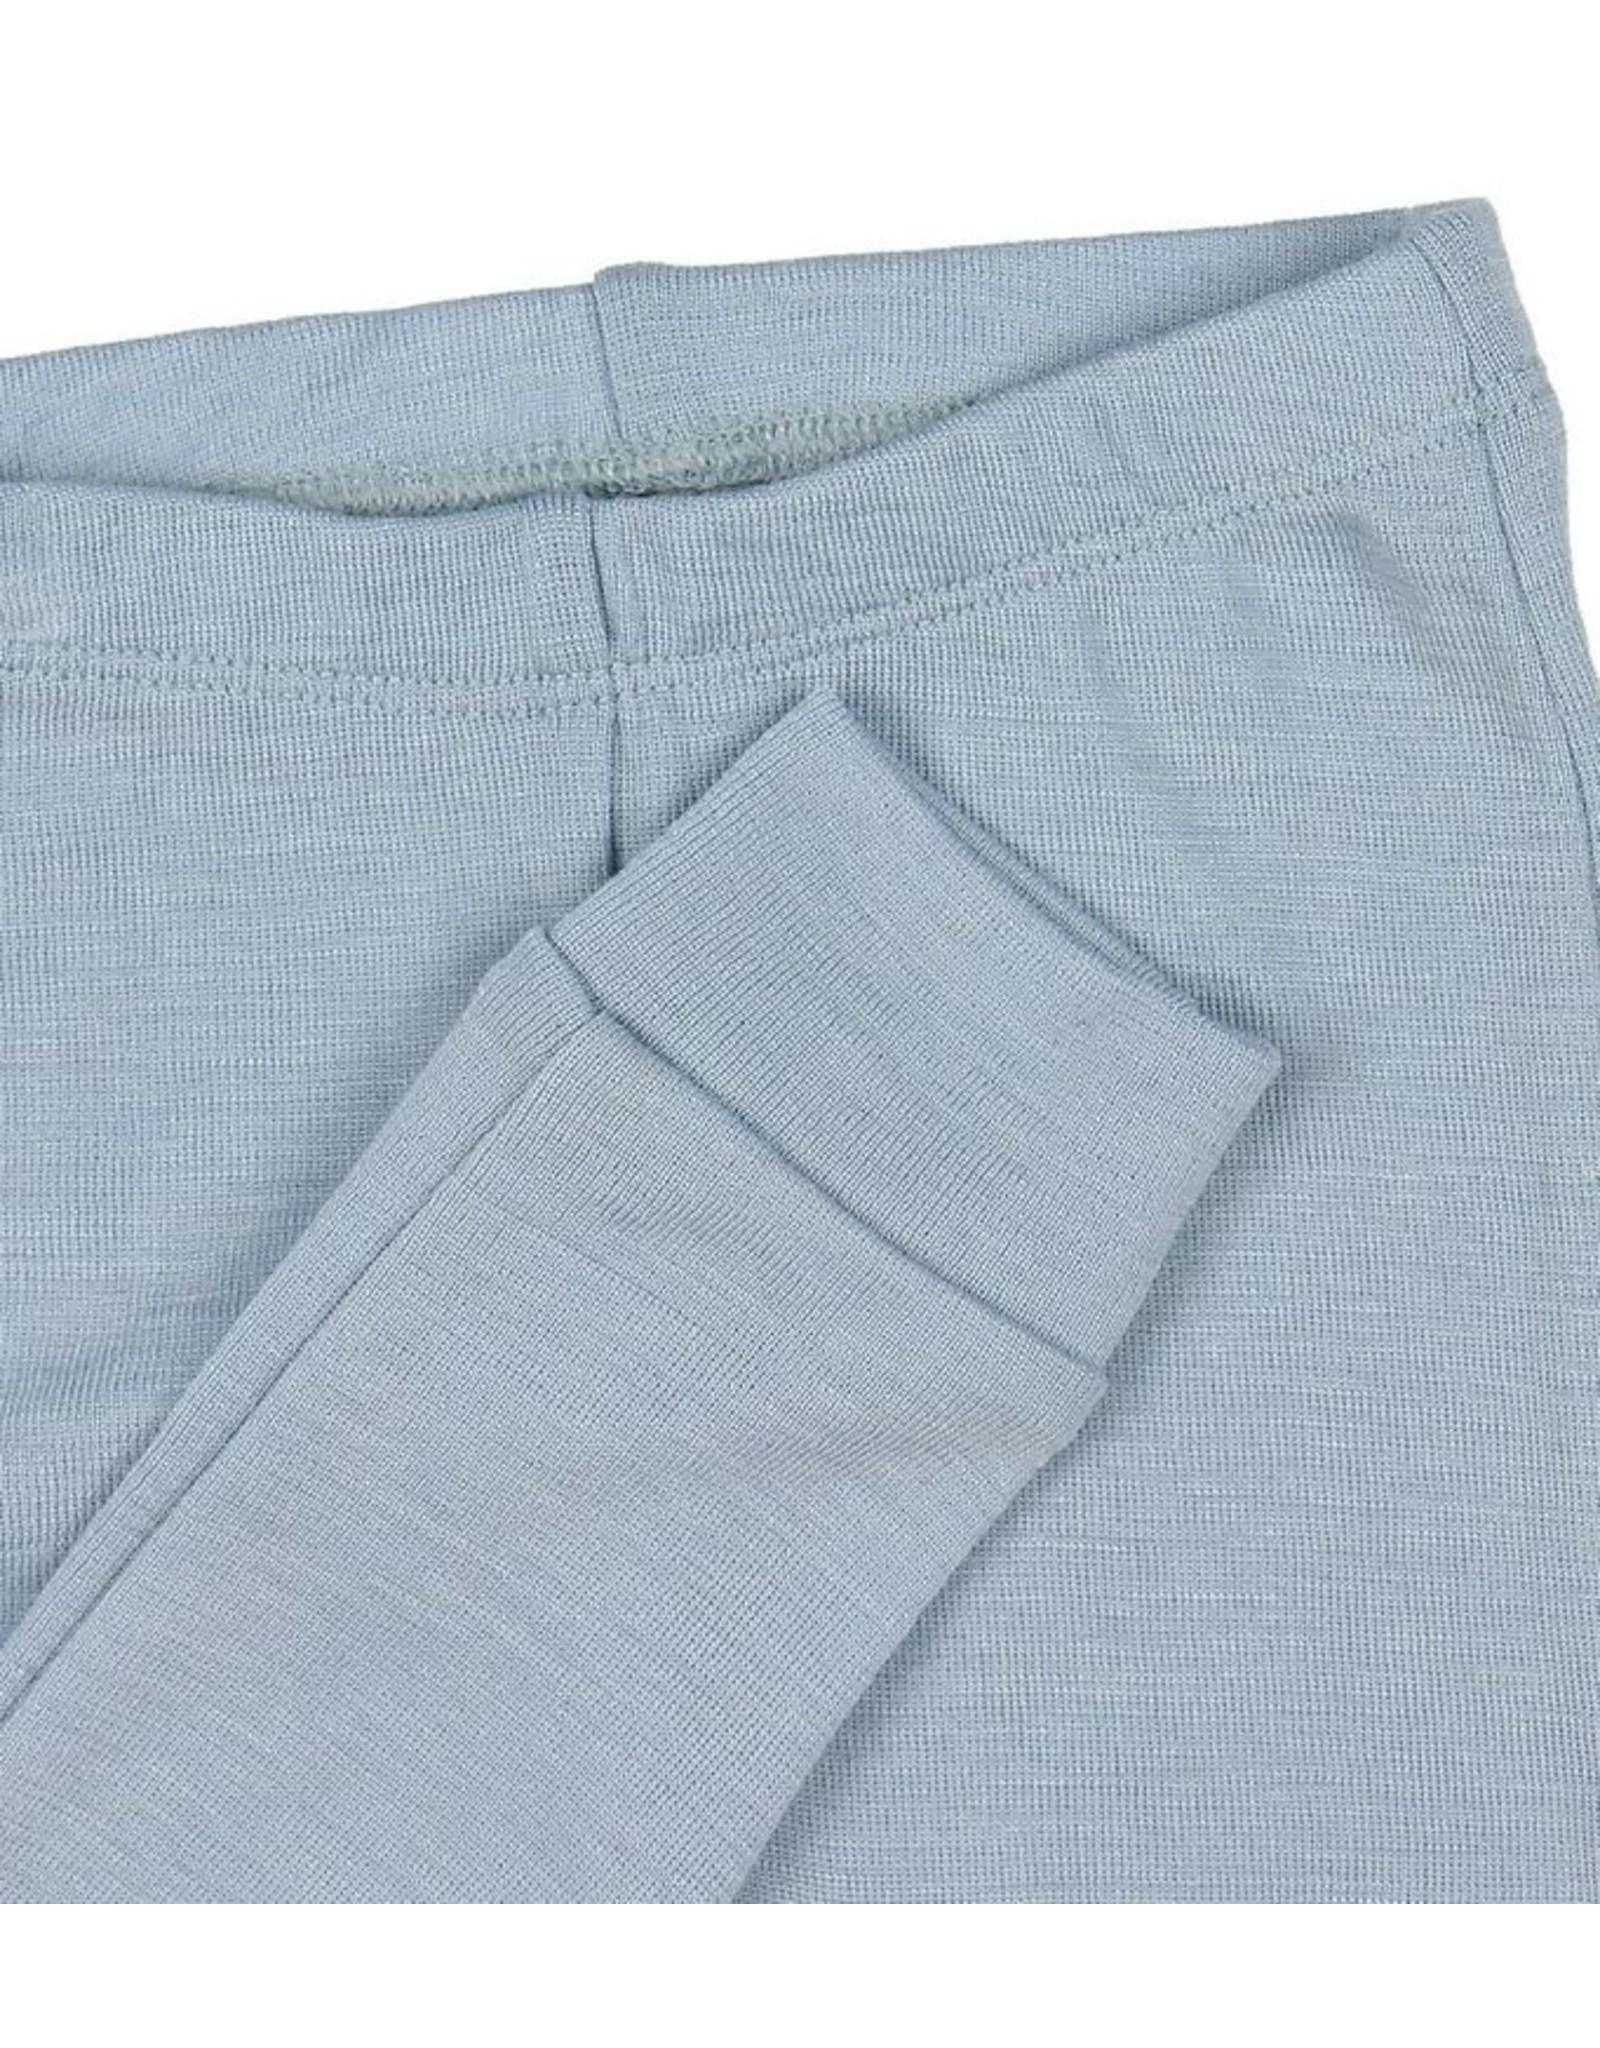 Fixoni Fixoni Wol/Zijde Legging Blauw